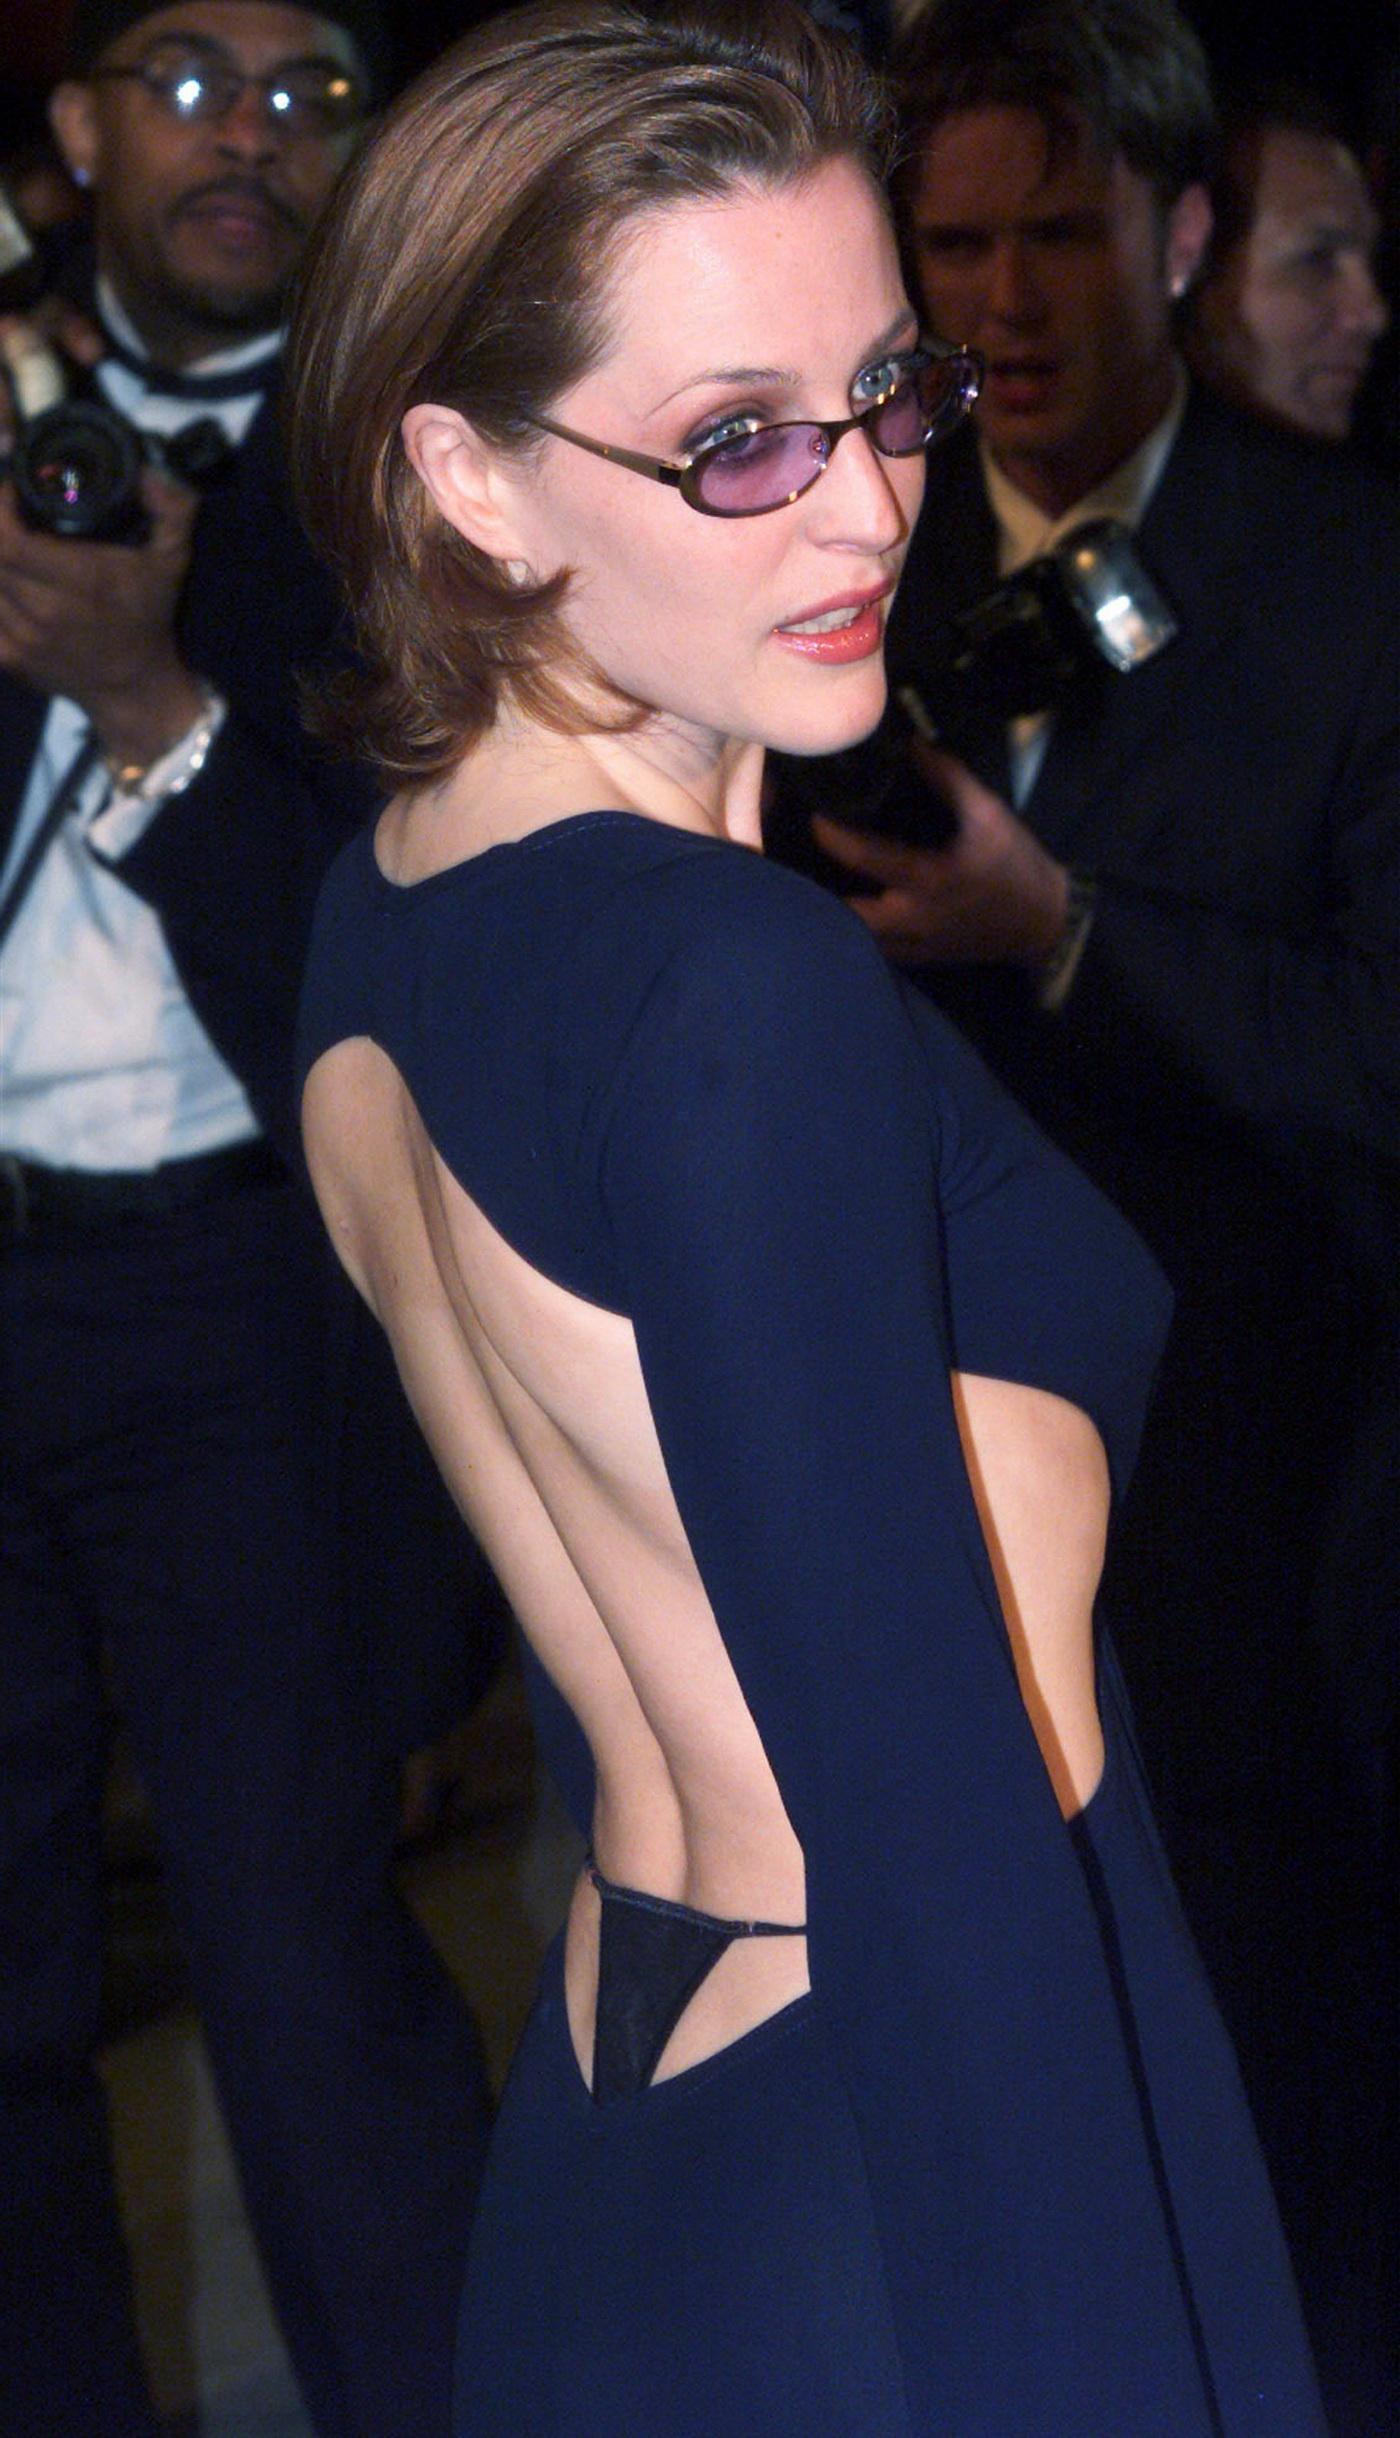 Из новости Подборка фото секс-символа 90-х актрисы Джиллиан Андерсон